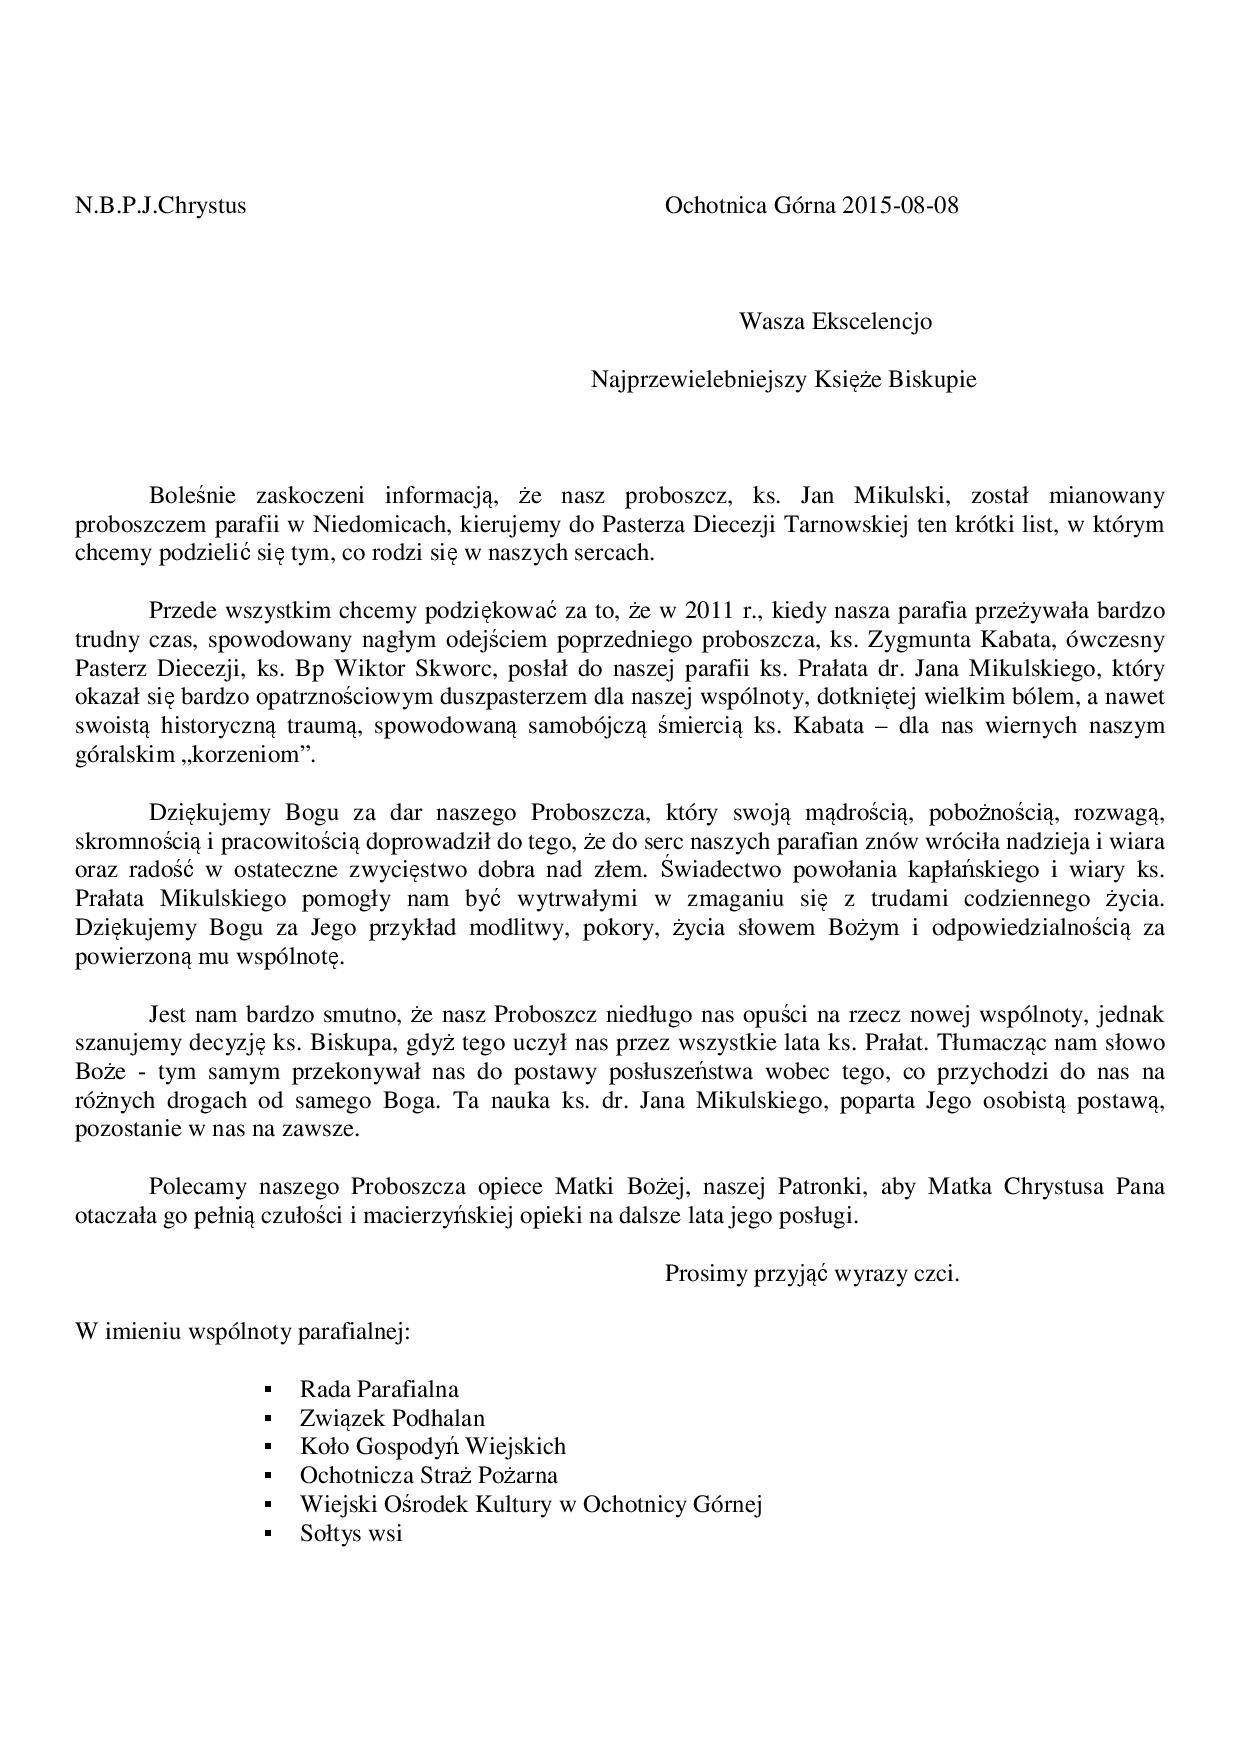 Pożegnanie Ks Dr Jana Mikulskiego Wiejski Ośrodek